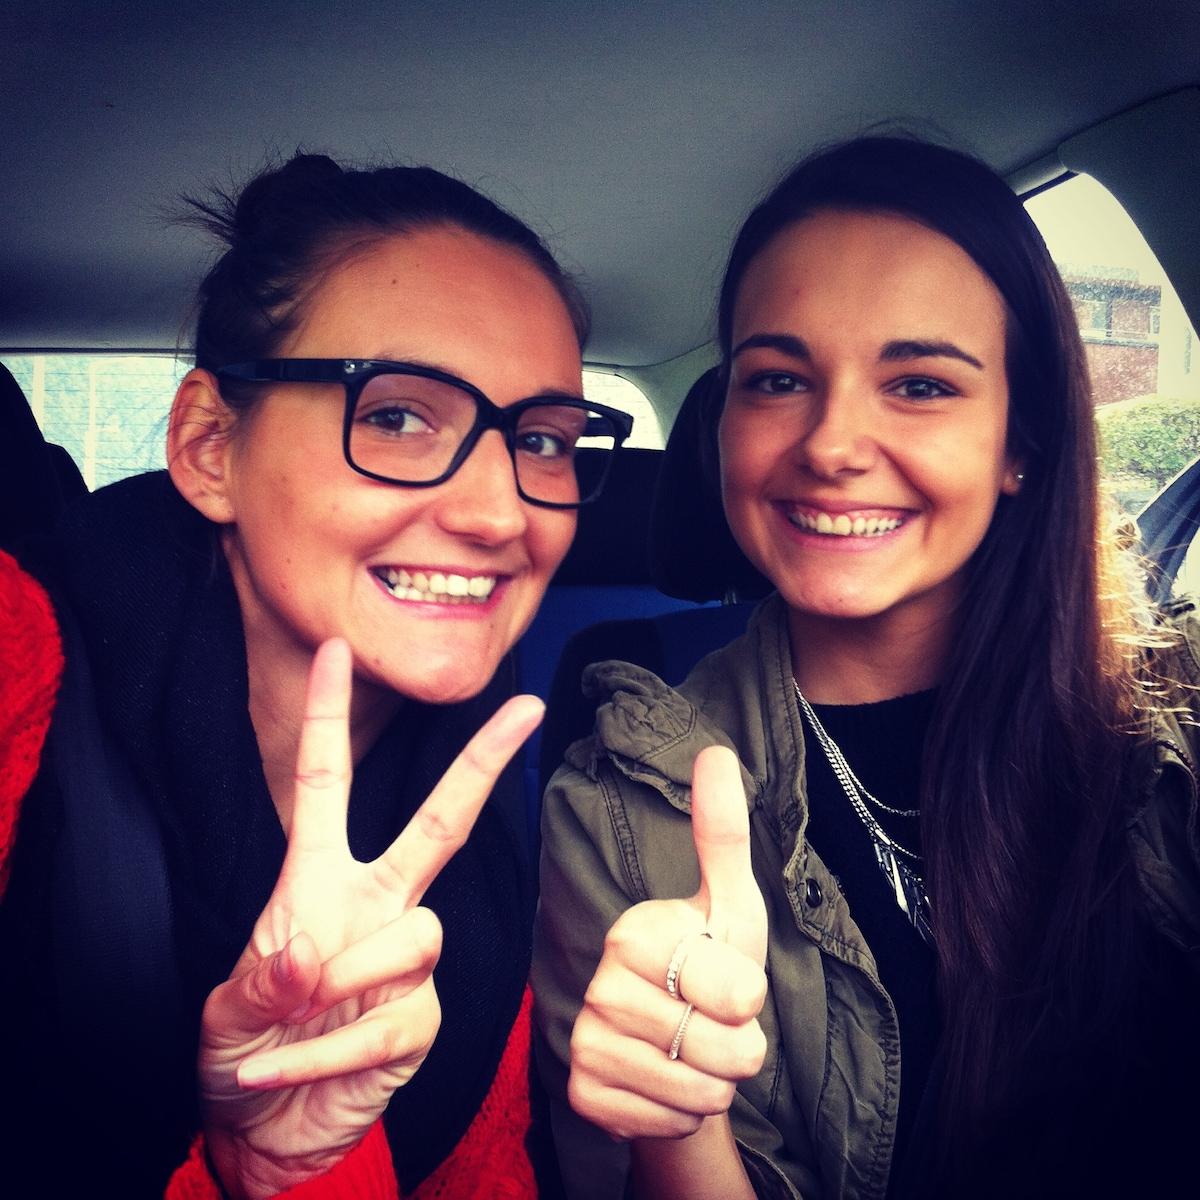 Dajana & Daniela From Stummerberg, Austria